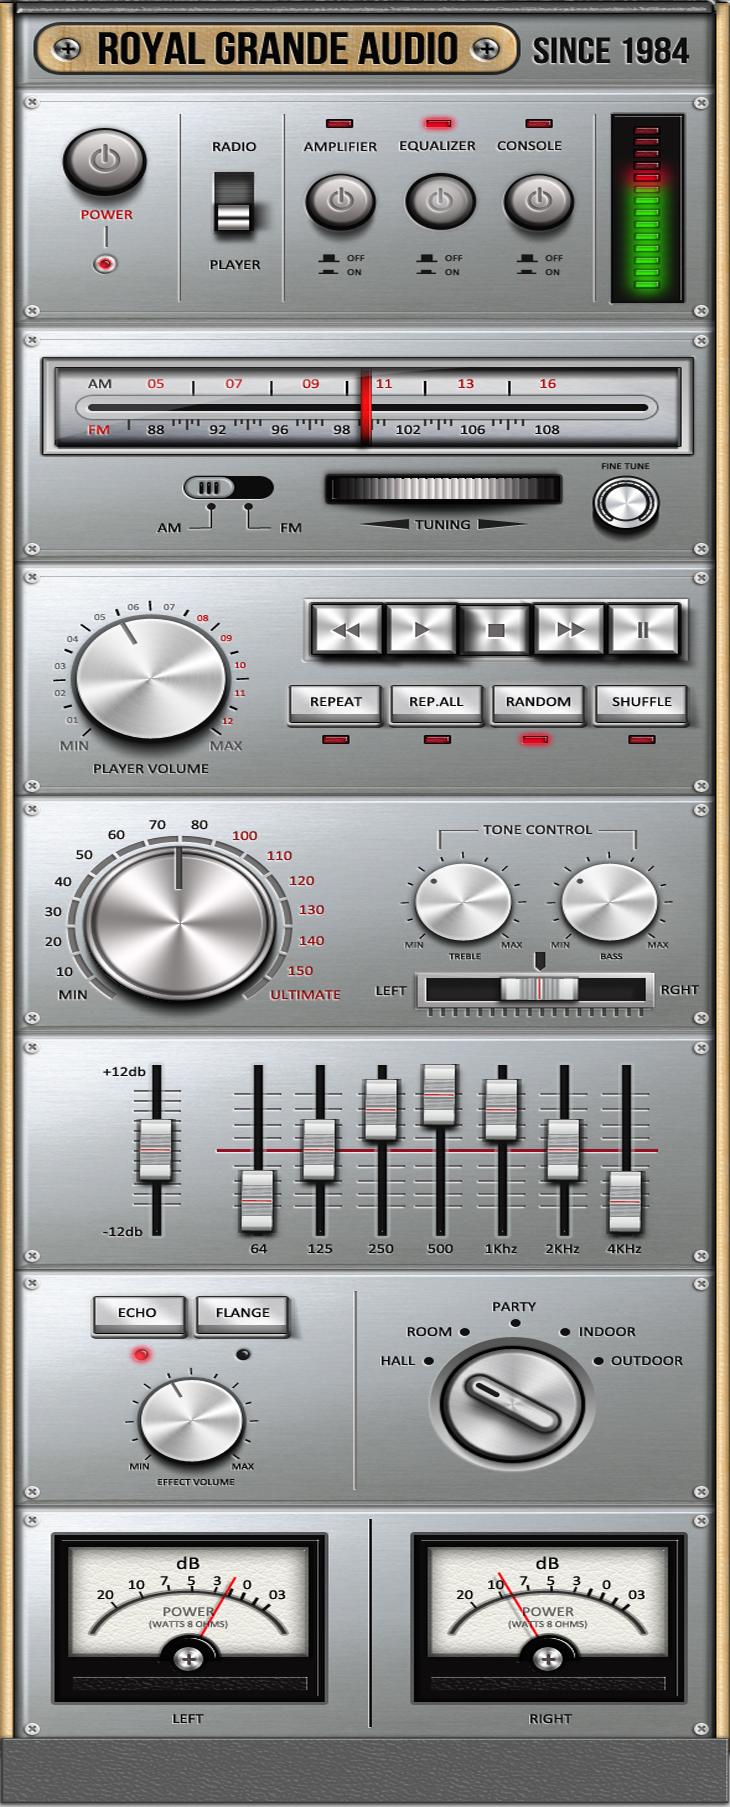 Royal Grande Very Old Audio Set UI